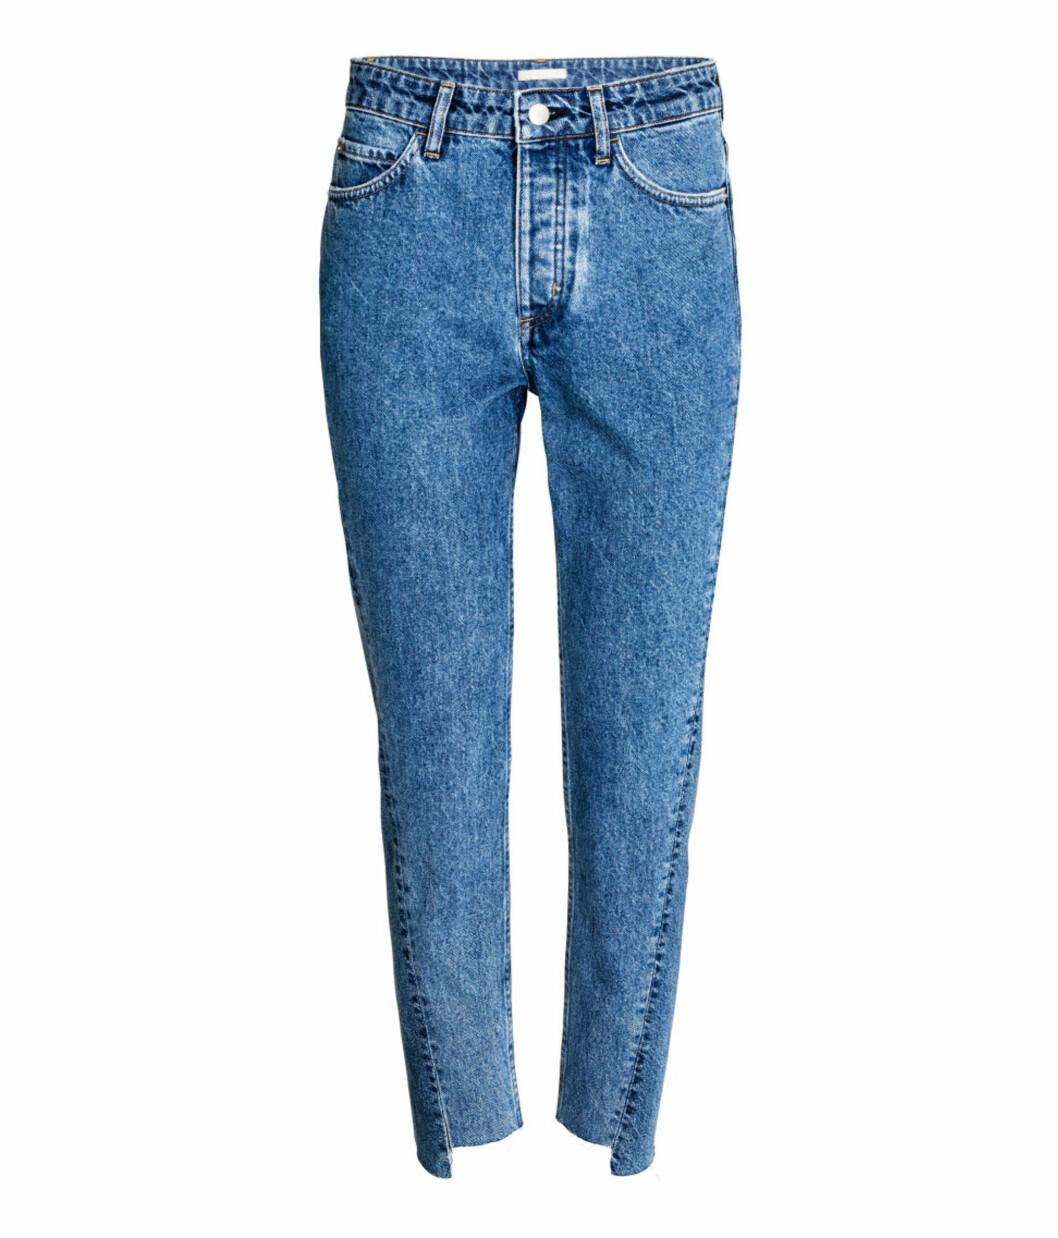 Jeans med ujevn kant fra H&M | kr 399 | http://www.hm.com/no/product/54291?article=54291-A